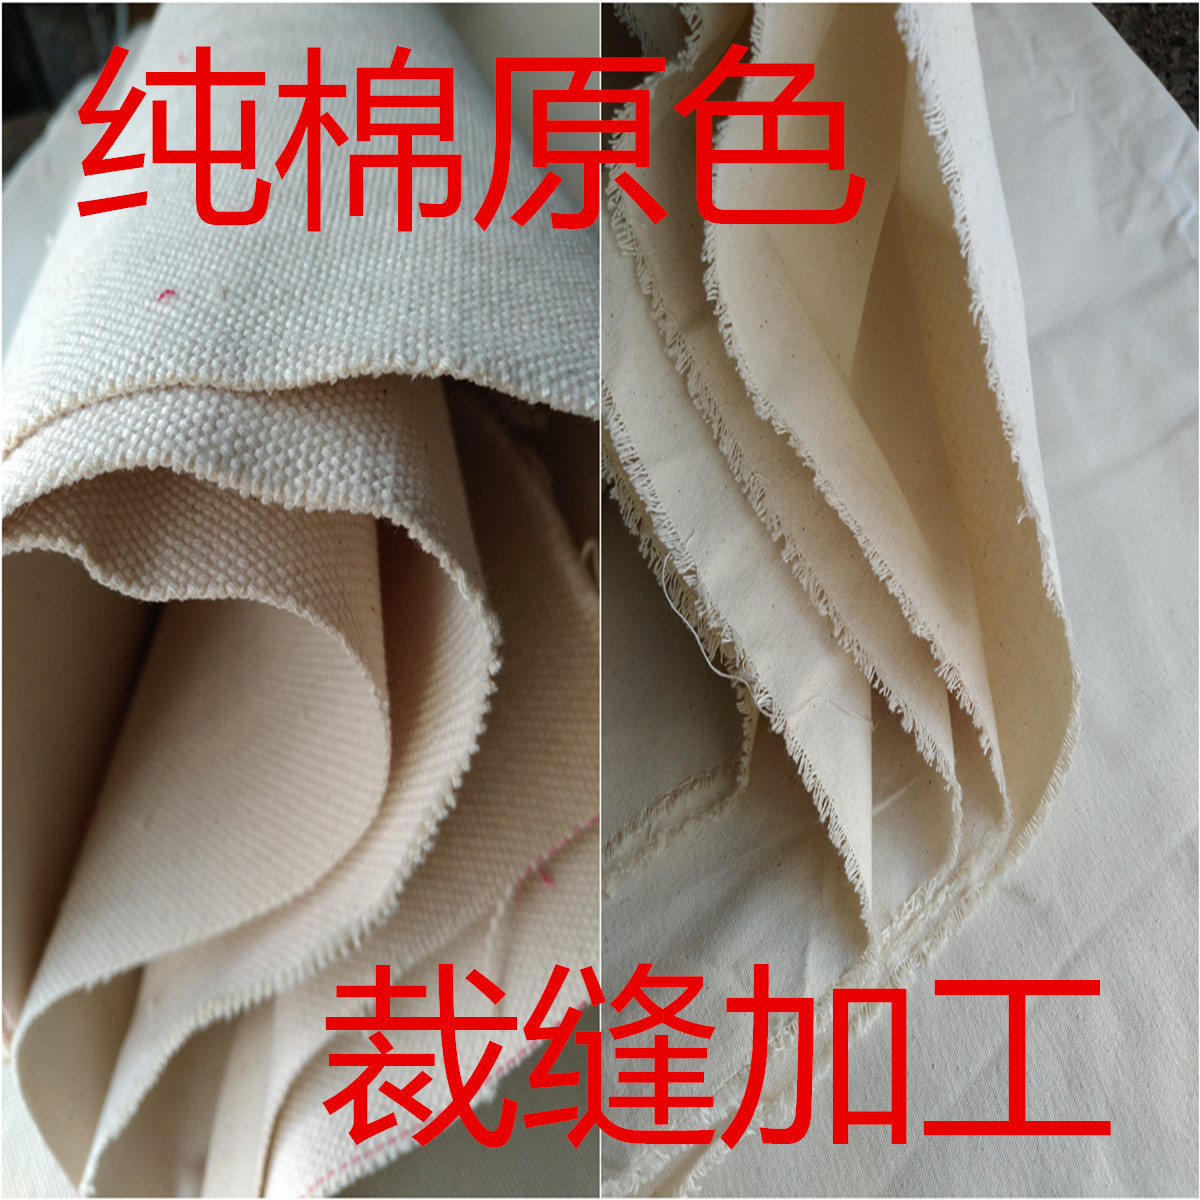 帆布布料原色纯棉面料加厚老粗布批加工定做凉席包套袋垫片叠被子